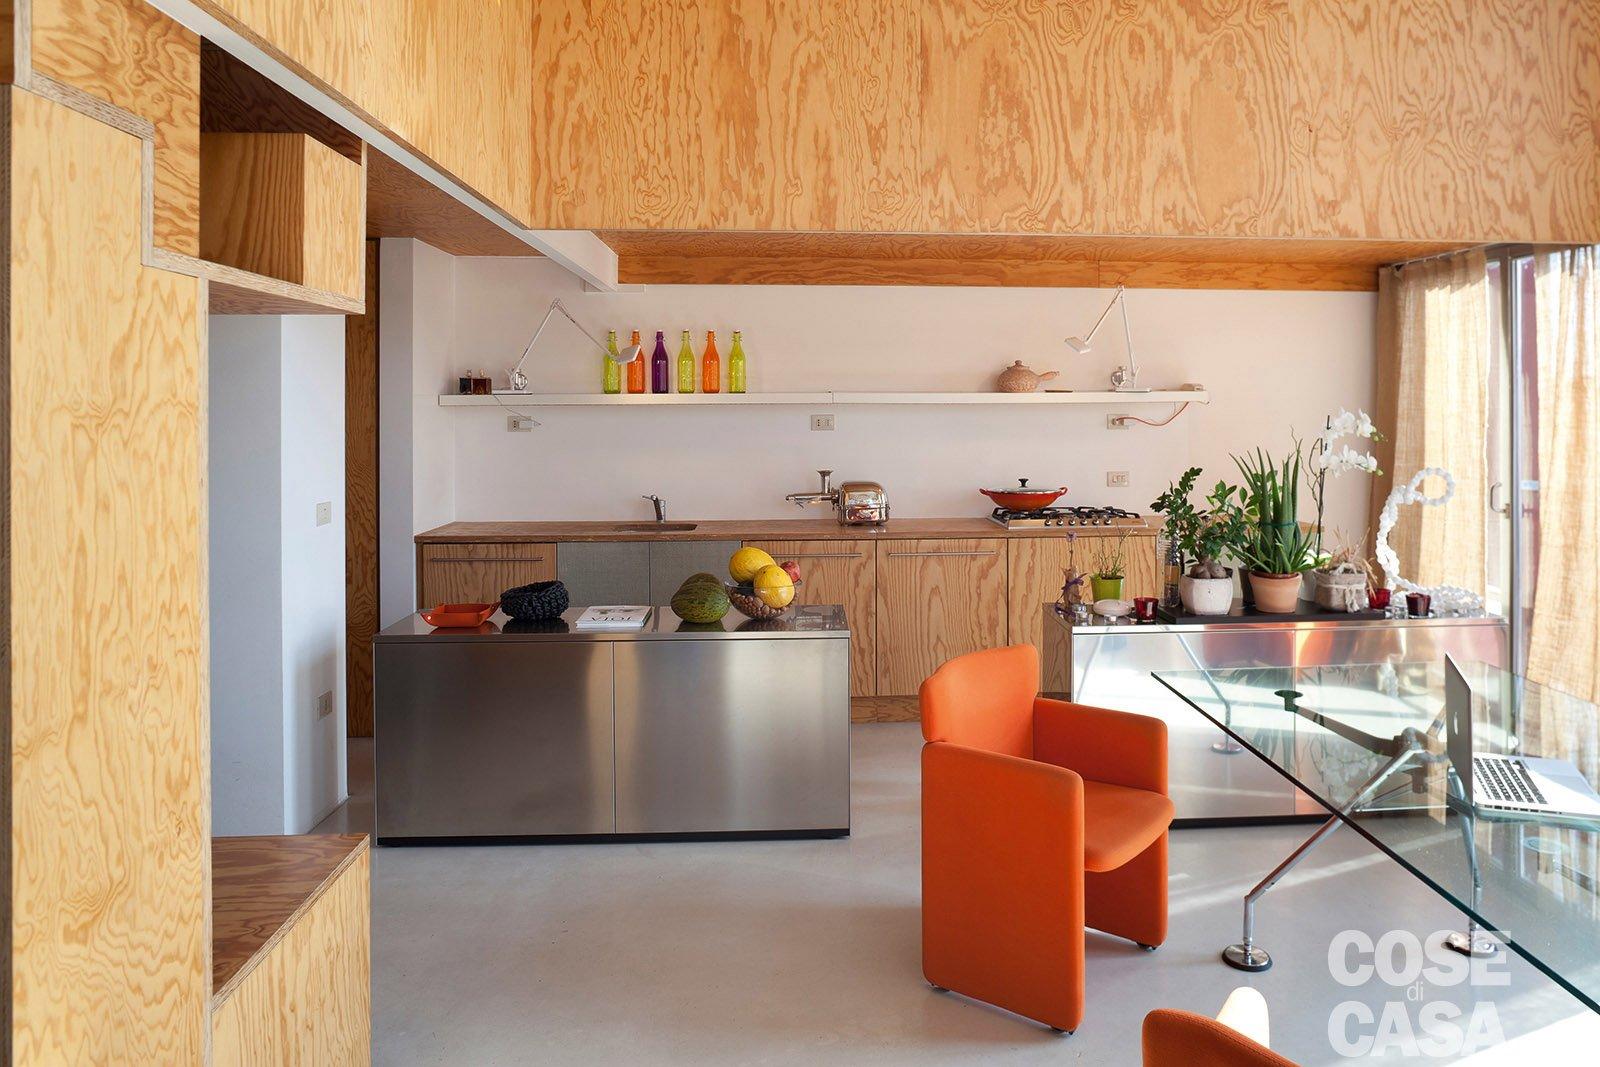 Stunning Costruire Una Cucina In Legno Photos - bakeroffroad.us ...